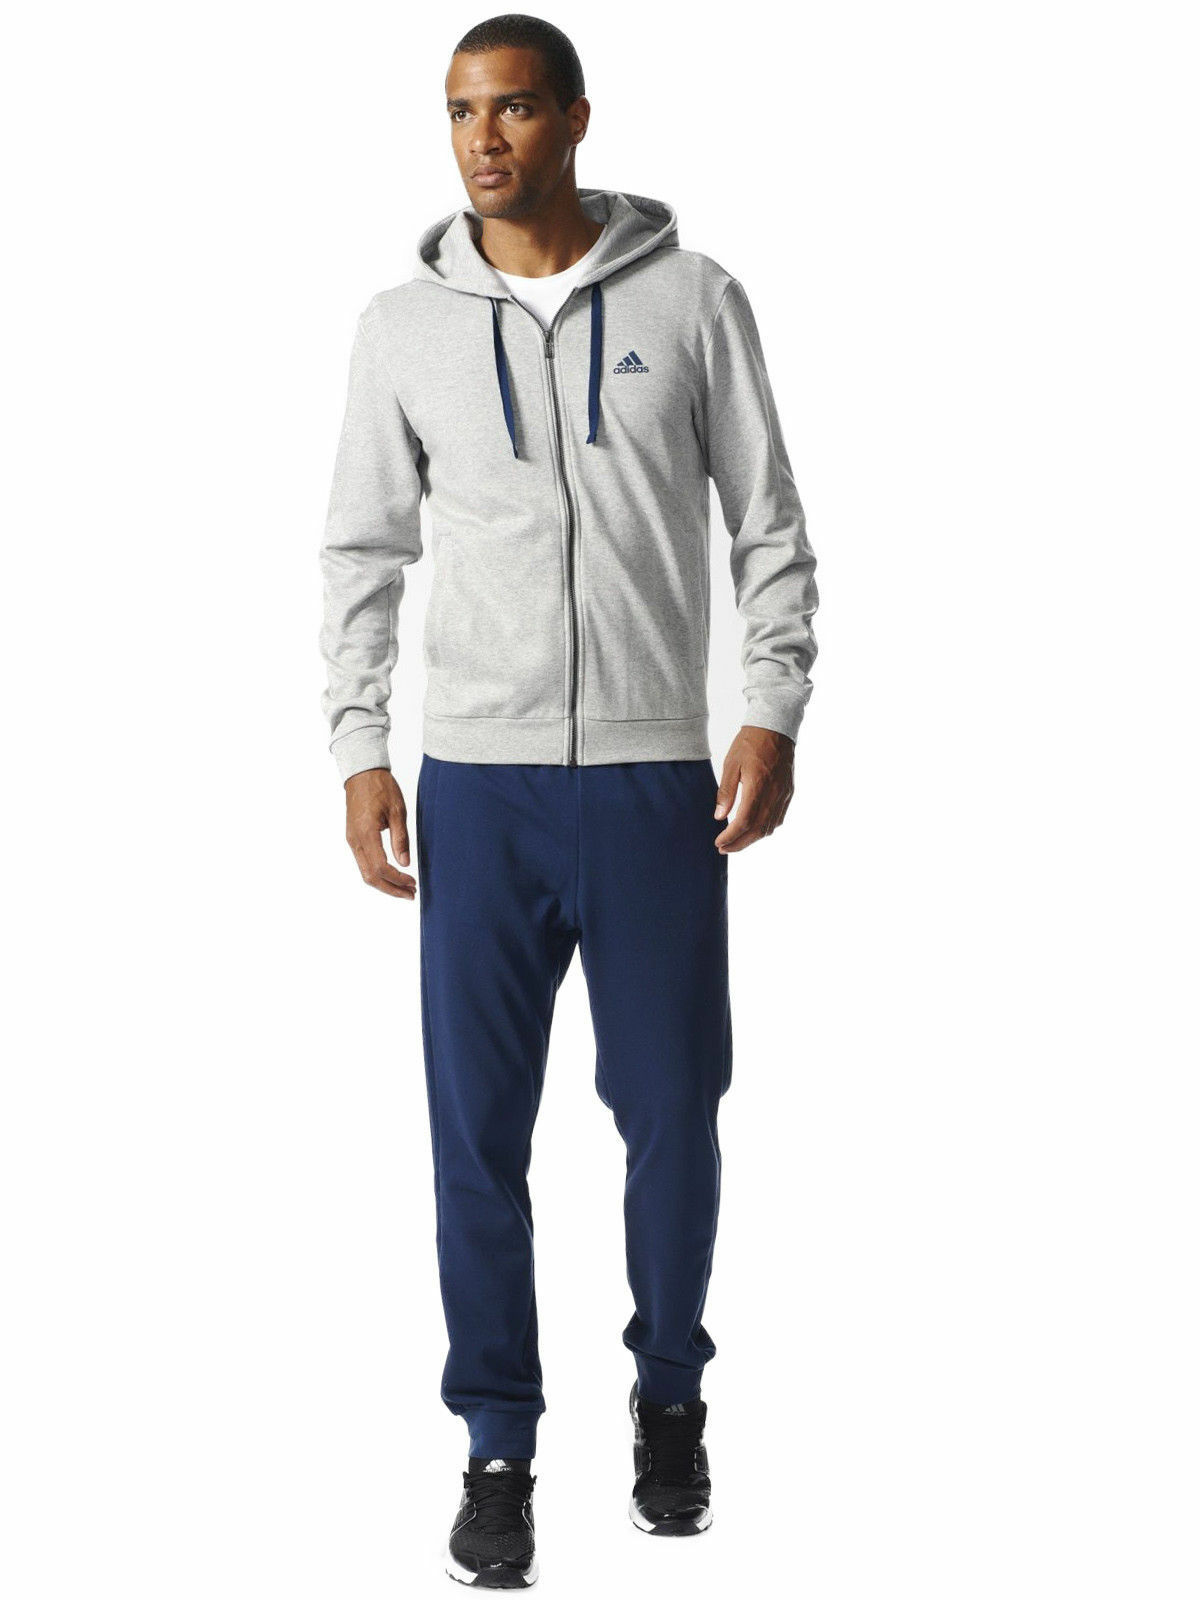 Adidas Herren Beleben Trainingsanzug Vollständiges Set - BK2669 -